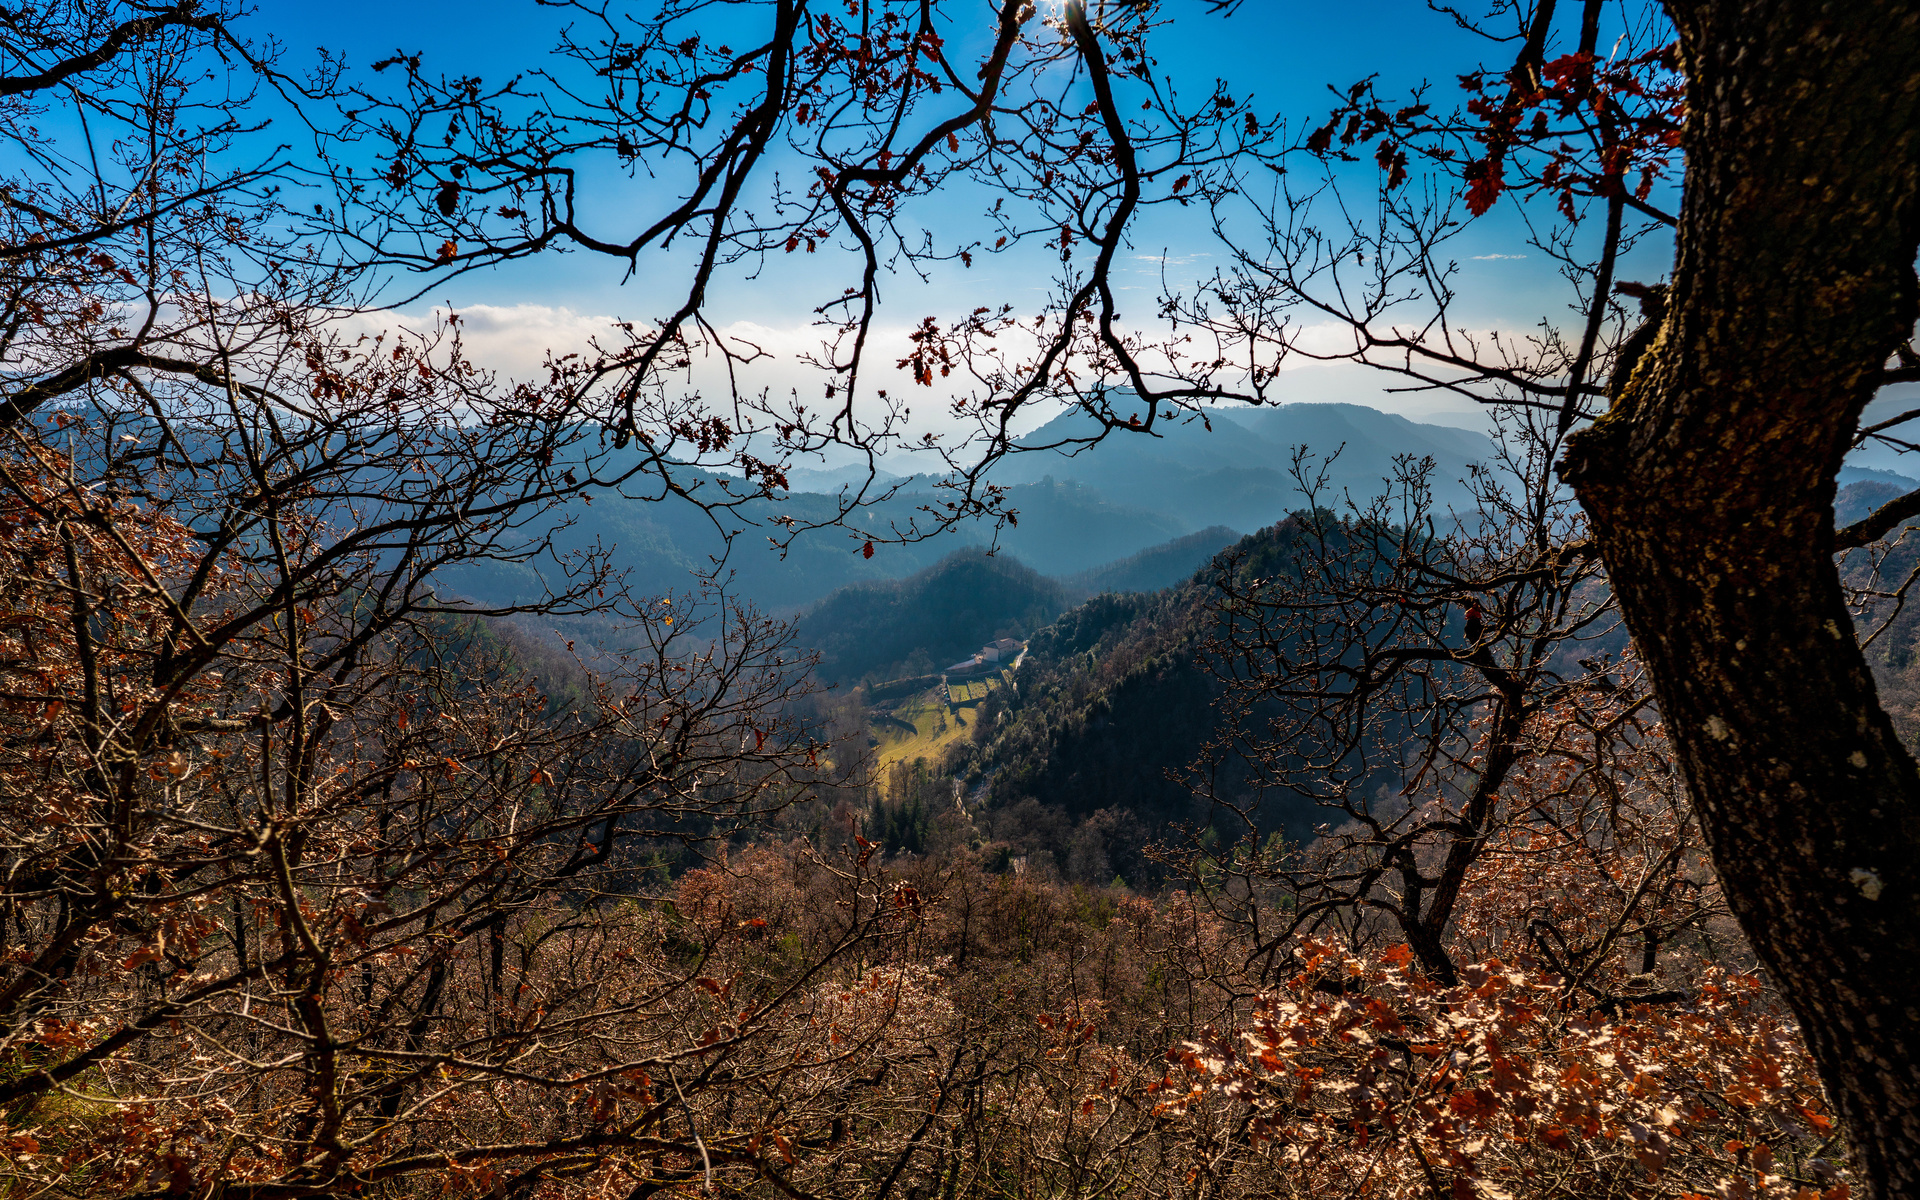 испания, горы, santa maria de besora, деревья, ветки, природа